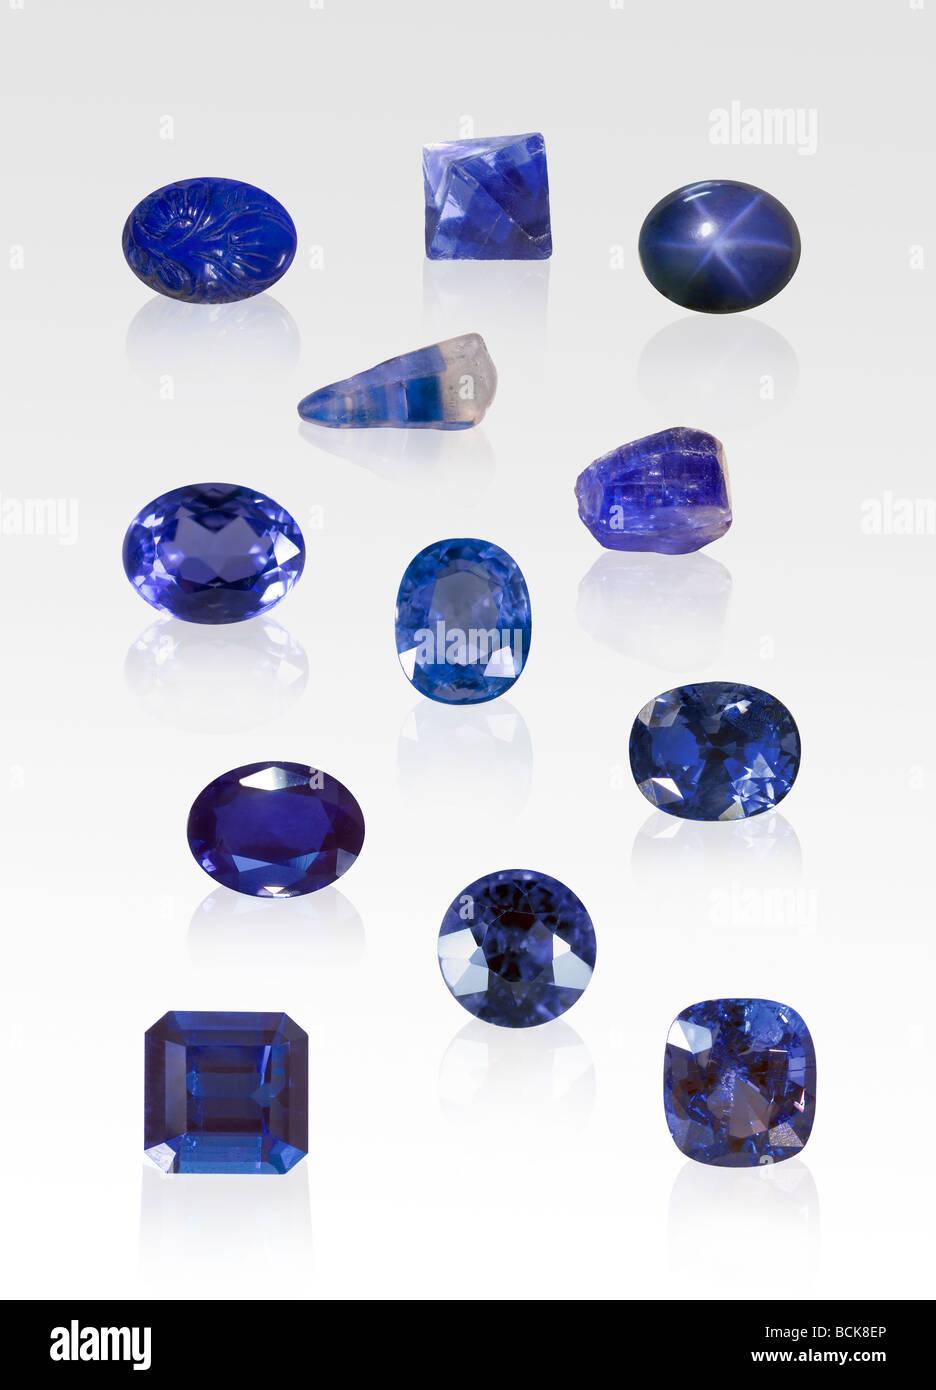 Indigo gemstone and crystal specimens on white background - Stock Image